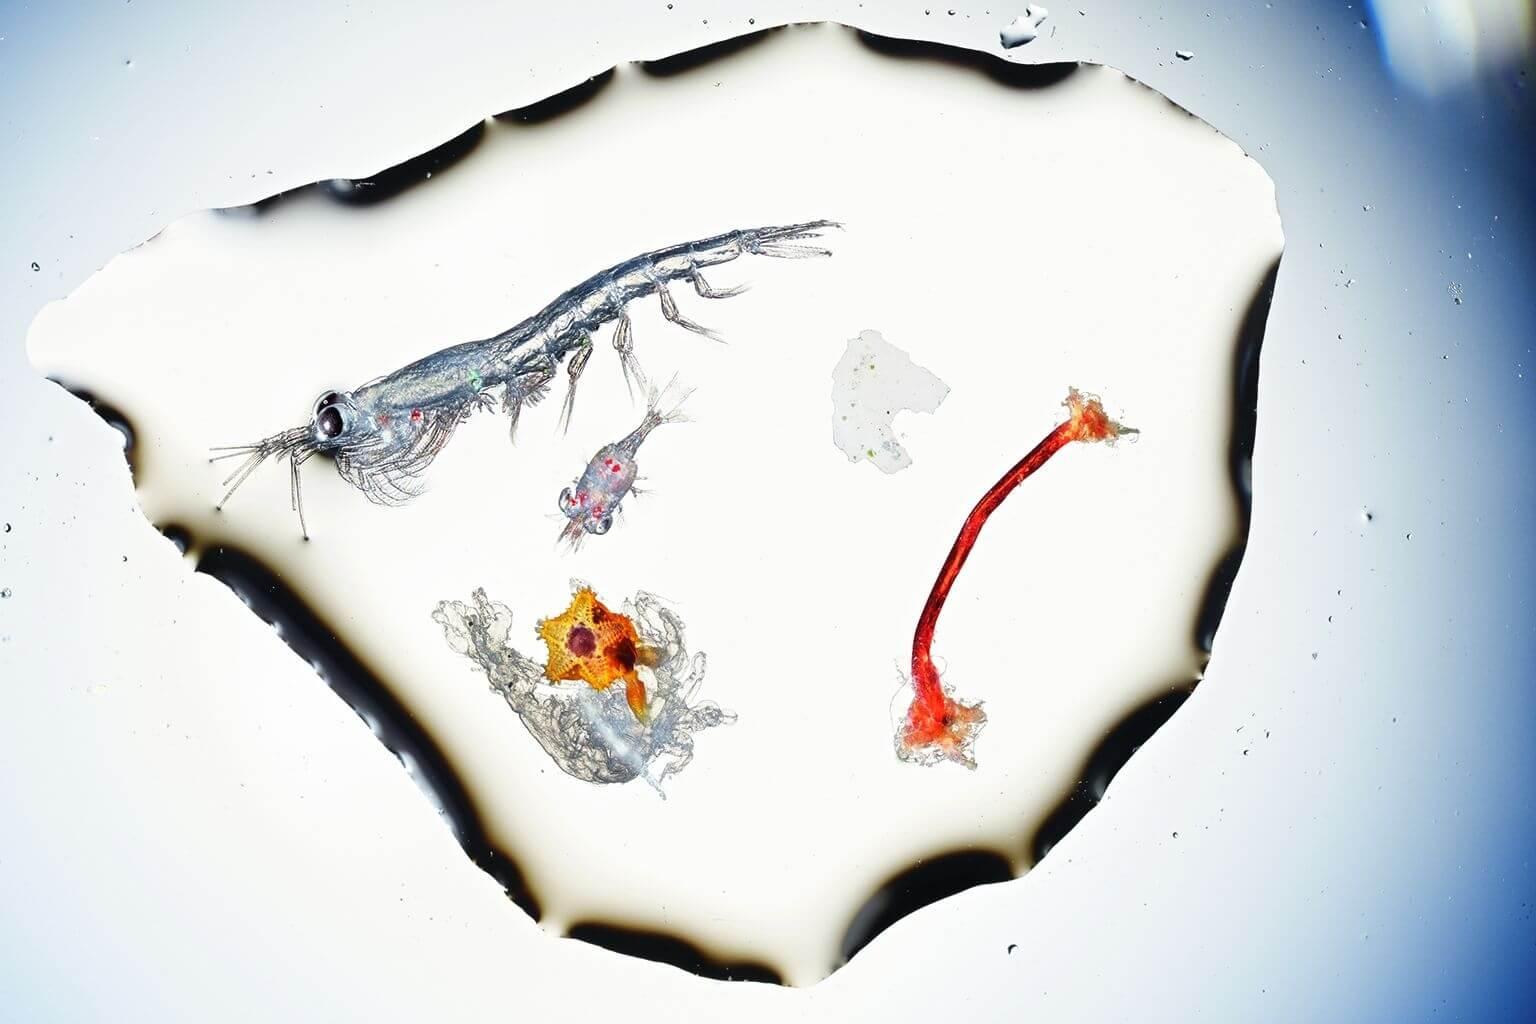 左邊是魚的食物,右邊是塑膠。從英吉利海峽取來的少許表層海水中,有一隻狀似蝦子的鱗蝦,體長約8公釐;還有一隻比較小的十足類甲殼動物,以及一隻橘色海星,牠才剛度過在薄膜中漂浮的幼蟲階段。右邊的白色碎片和磨損的紅色纖維是聚乙烯,但對幼魚來說可能看起來和食物沒兩樣。在一項2017年的研究中,普利茅斯海洋實驗室和普利茅斯大學的研究人員捕撈了一群仔魚,結果發現有3%的仔魚吃下了微塑膠纖維。攝於英國普利茅斯的海洋生物協會。塑膠種類由普利茅斯大學鑑定。攝影:大衛.李特舒瓦格 David Liittschwager